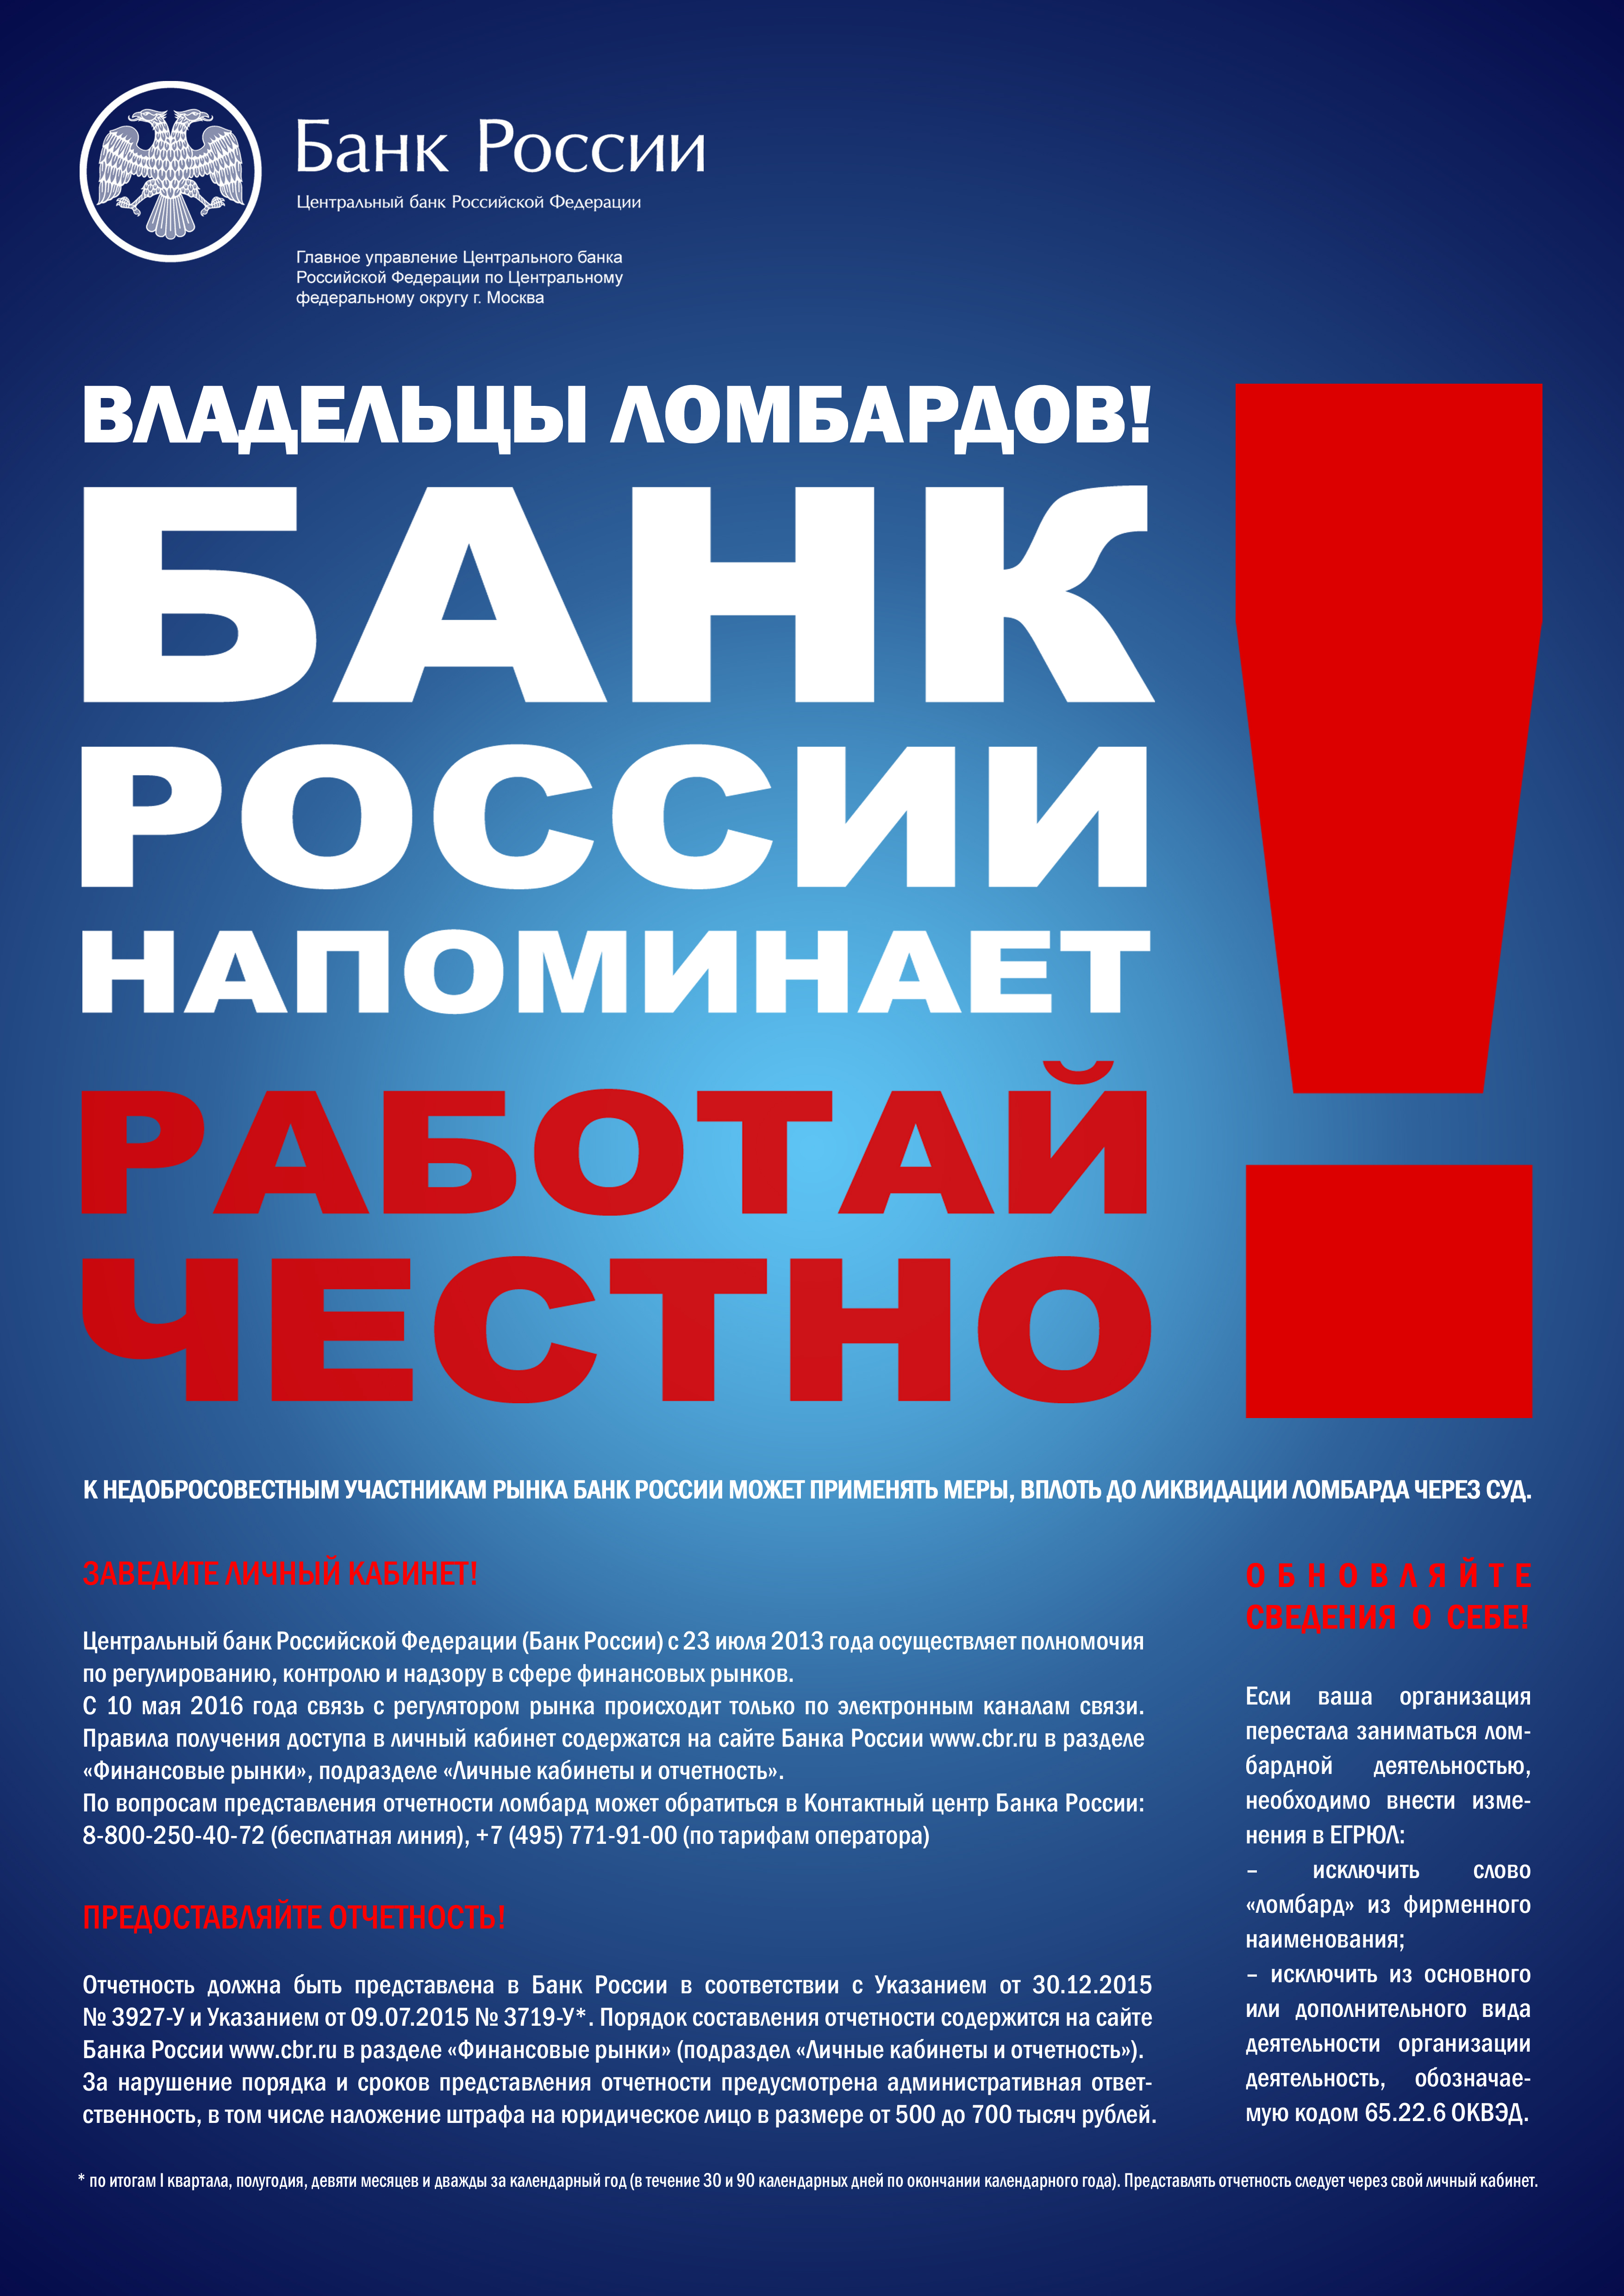 Проект изменений в закон о банках потребительский кредит 2011 потребительский кредит иркутская область банк ренессанс капитал